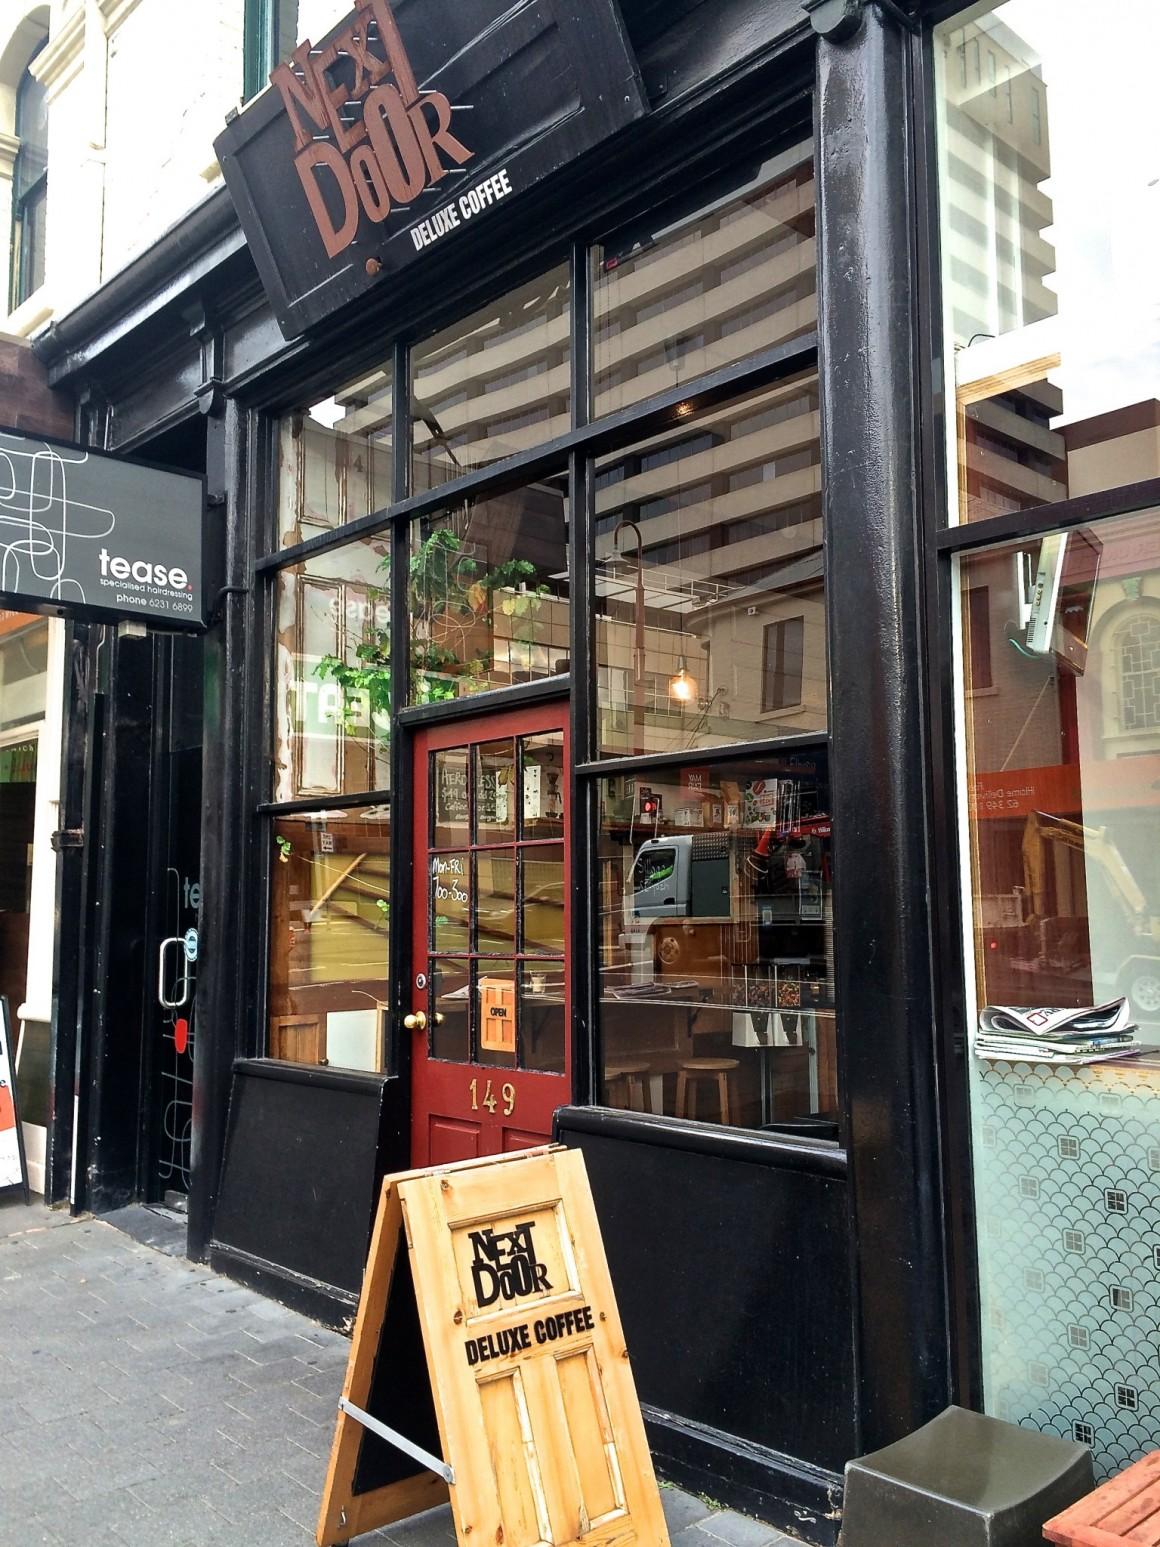 Next Door Deluxe Coffee Hobart - Copyright